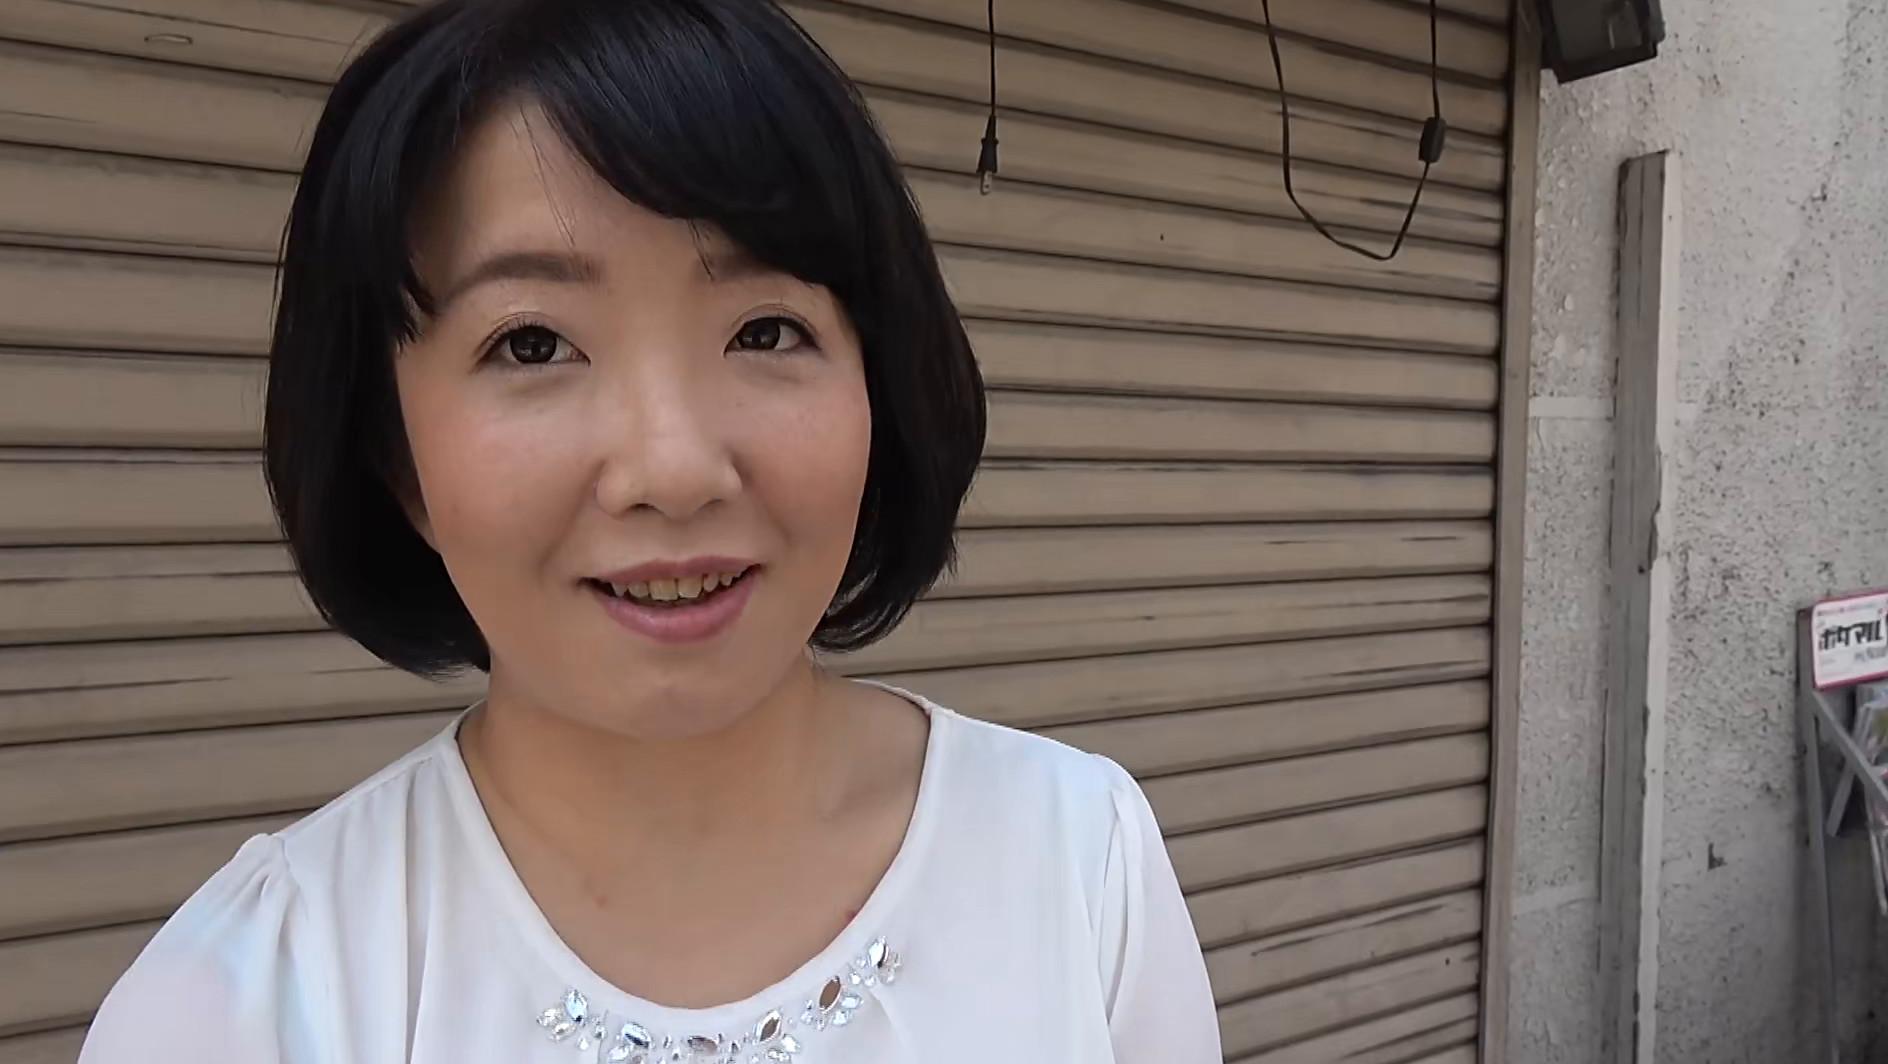 【四十路】応募素人妻 さゆみさん 45歳 画像1